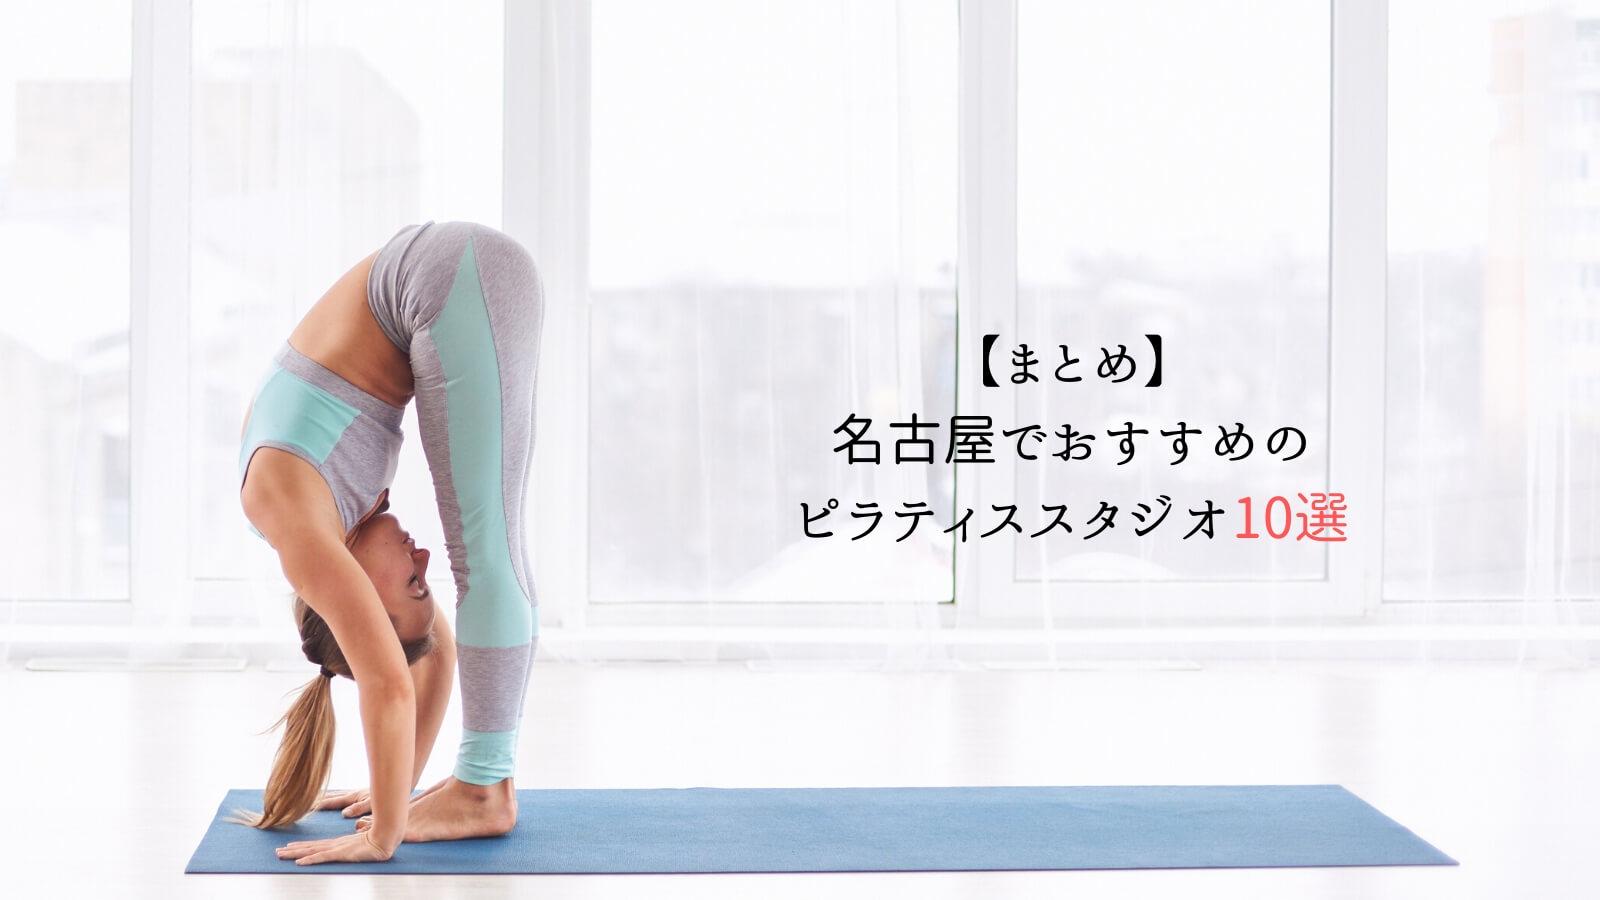 【まとめ】名古屋市でおすすめのピラティススタジオ10選